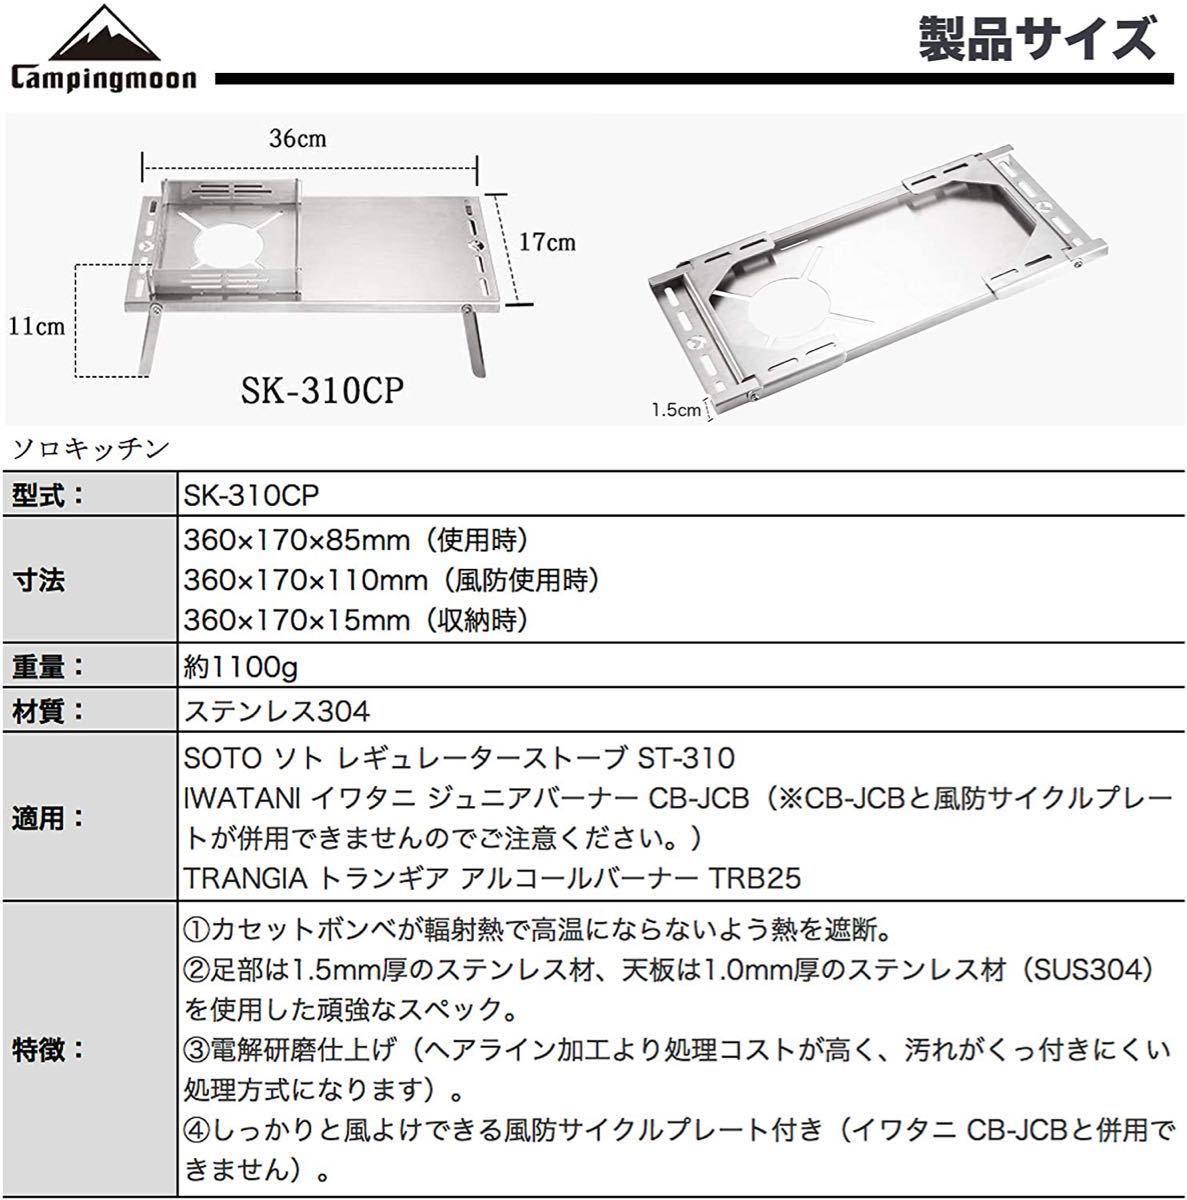 CAMPING MOON ソロキッチン シングルバーナー ST-310用 ソロテーブル サイクルプレート付き SK-310CP